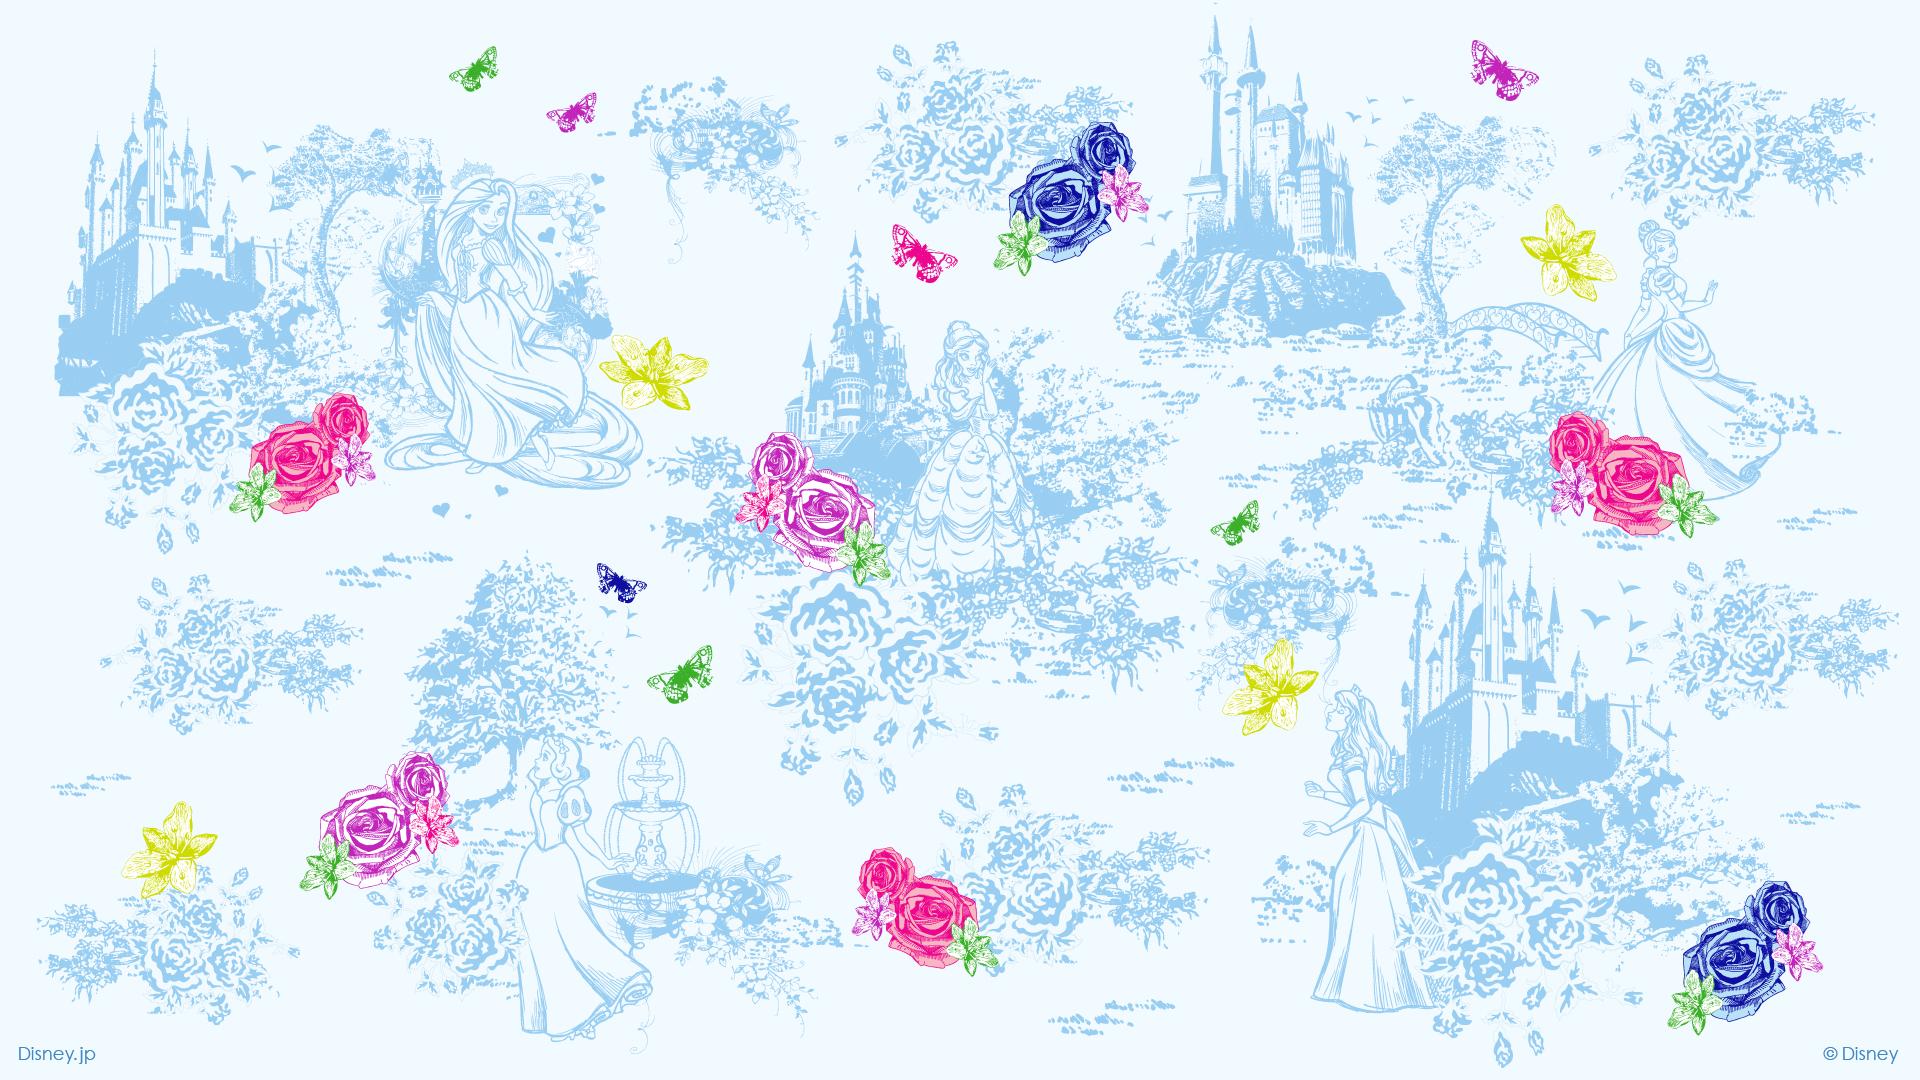 ディズニーの画像 原寸画像検索